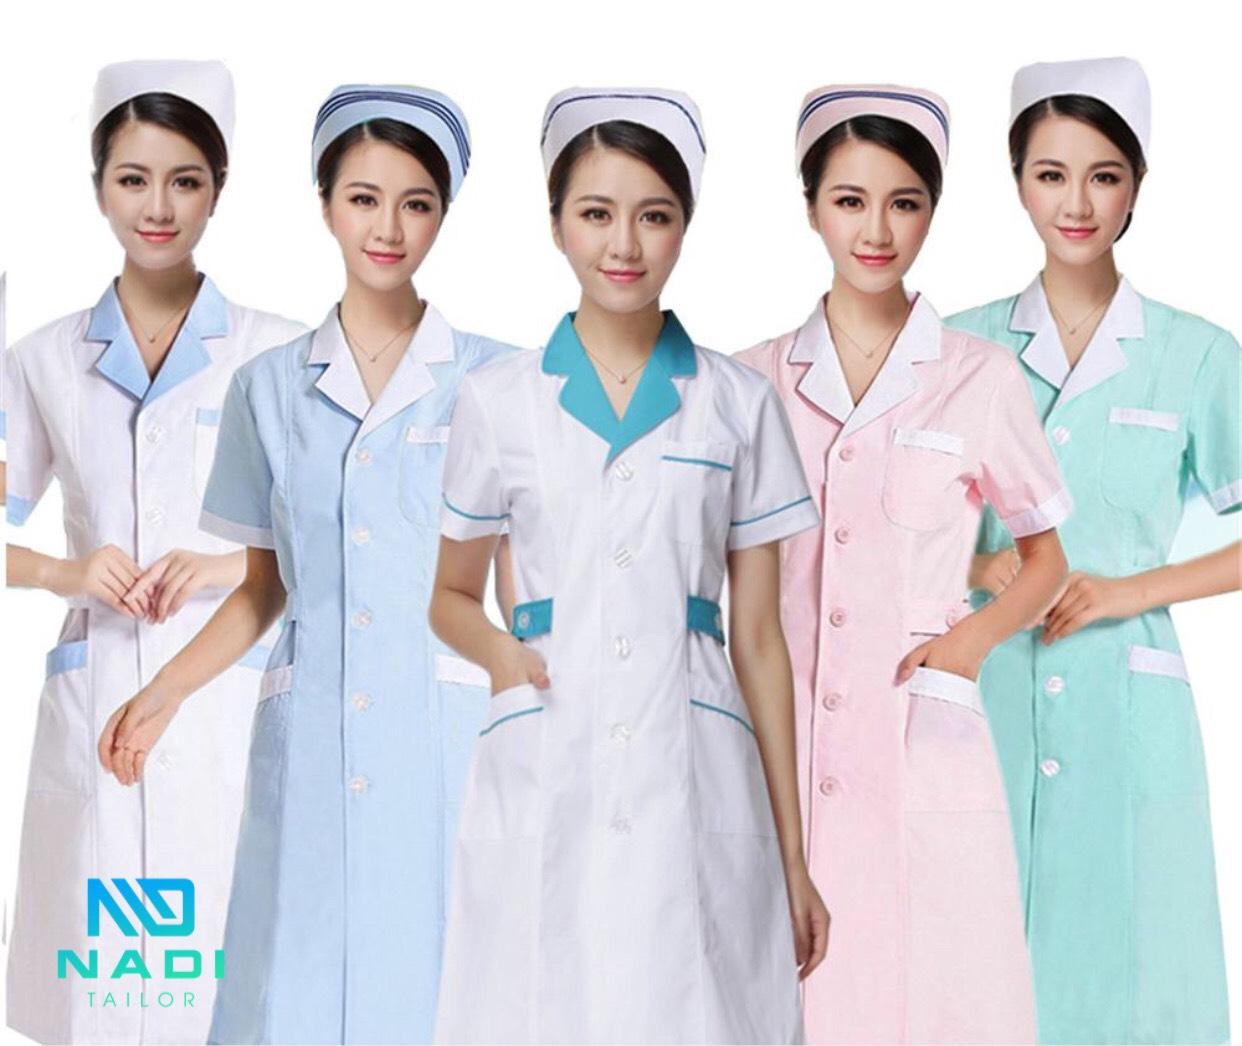 Quần áo cán bộ y tế phân chia theo cấp bậc